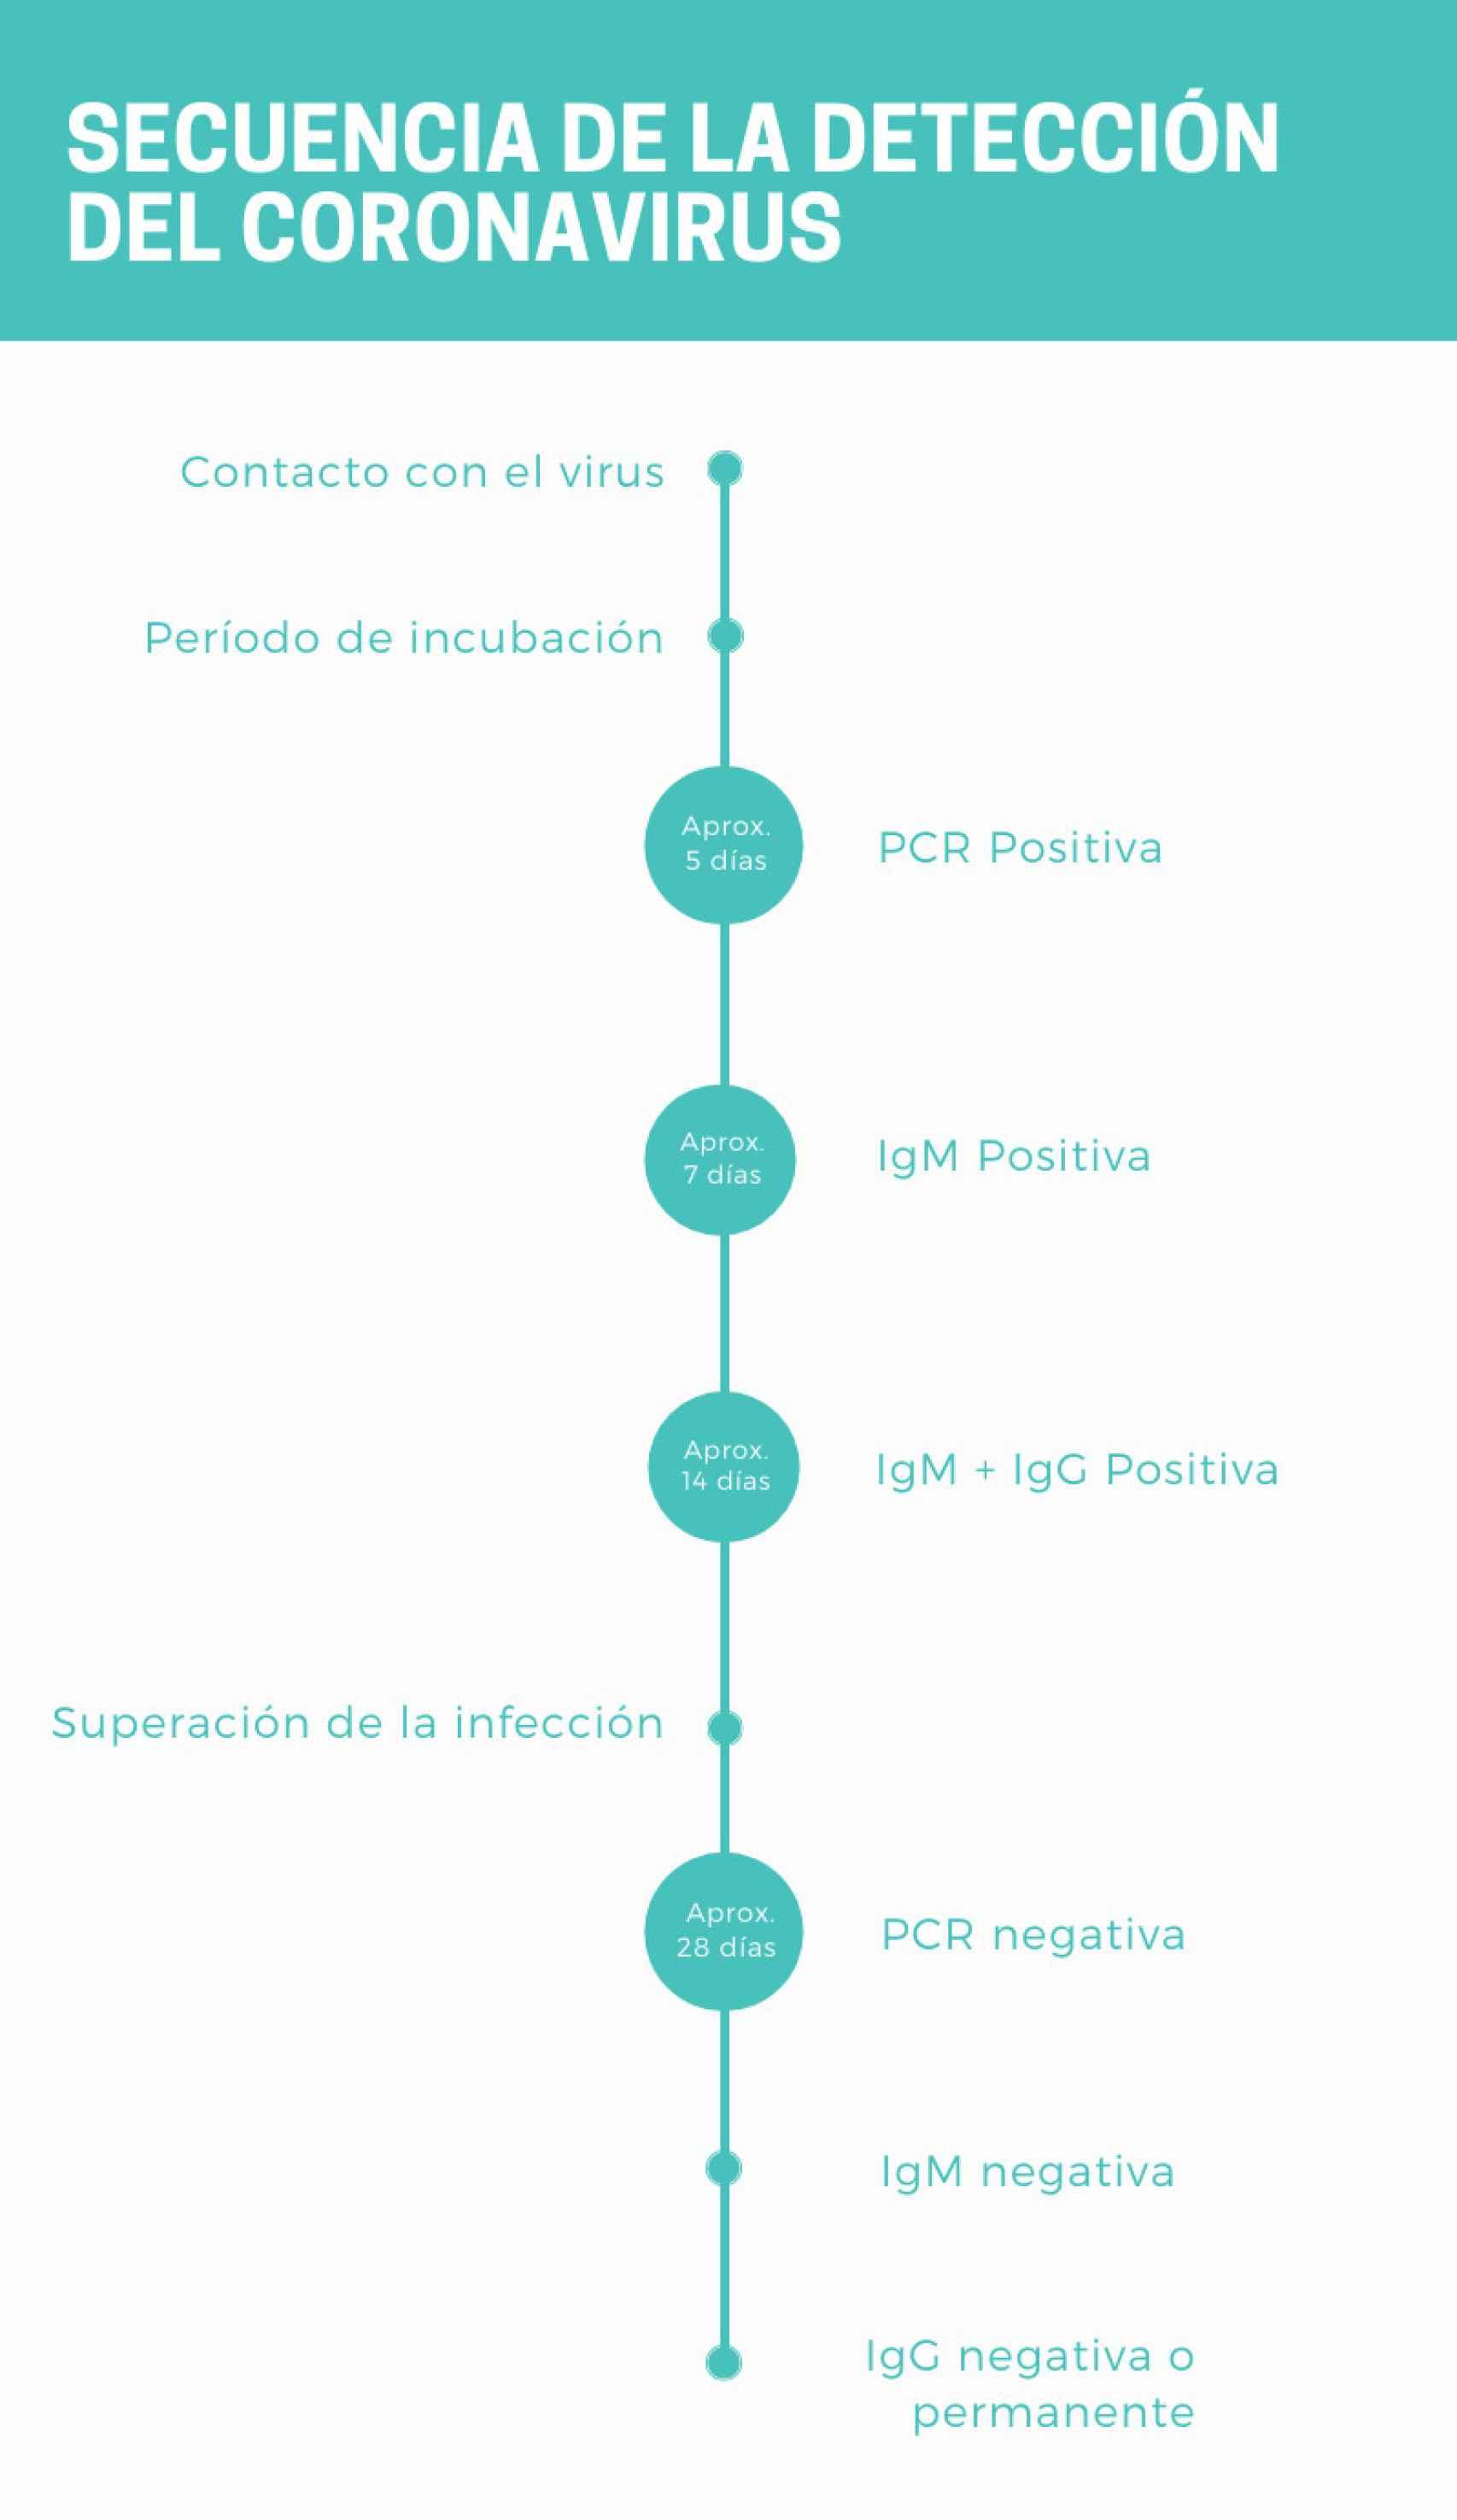 """""""La secuencia sería la siguiente: contacto con el virus, periodo de incubación (PCR negativa en un infectado); la PCR sale positiva, luego la IgM sale positiva, después aparece la IgG. Según transcurre el tiempo y se supera la infección la PCR da negativa, luego la IgM desaparece y después la IgG puede desaparecer o permanecer en el tiempo"""", según el doctor Carnevali."""